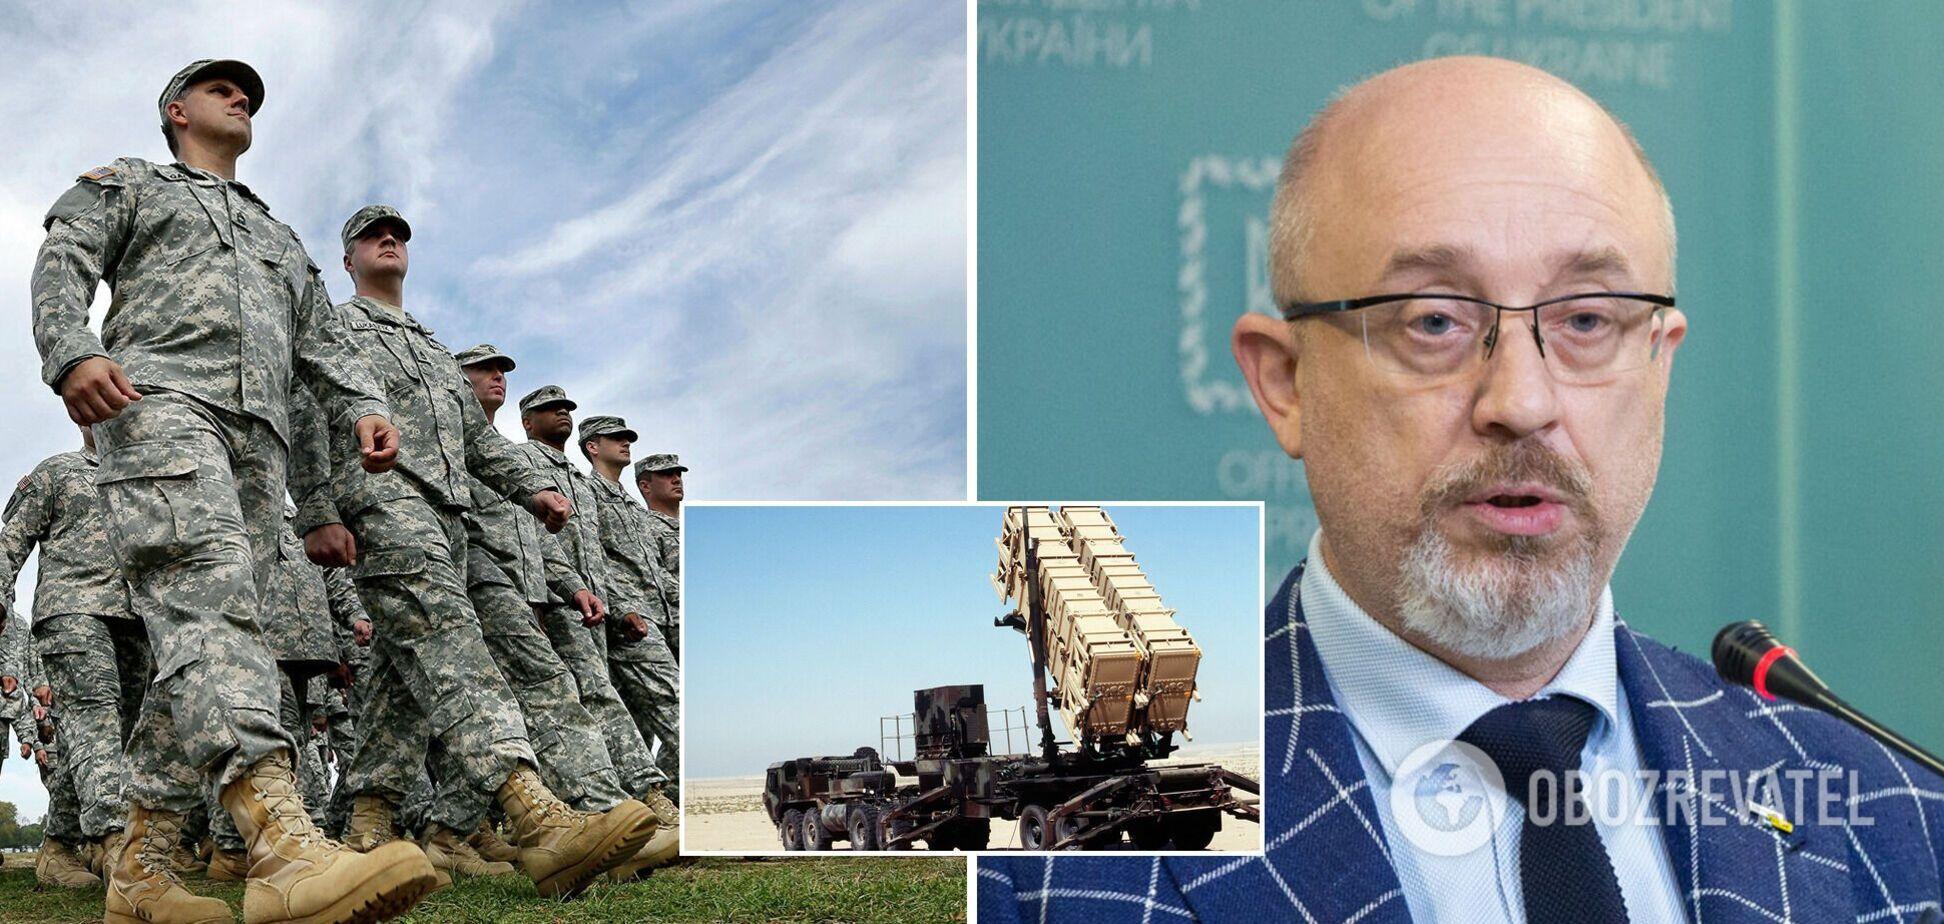 Резников предложил разместить в Украине американские системы ПВО: зачем это нужно и насколько возможно